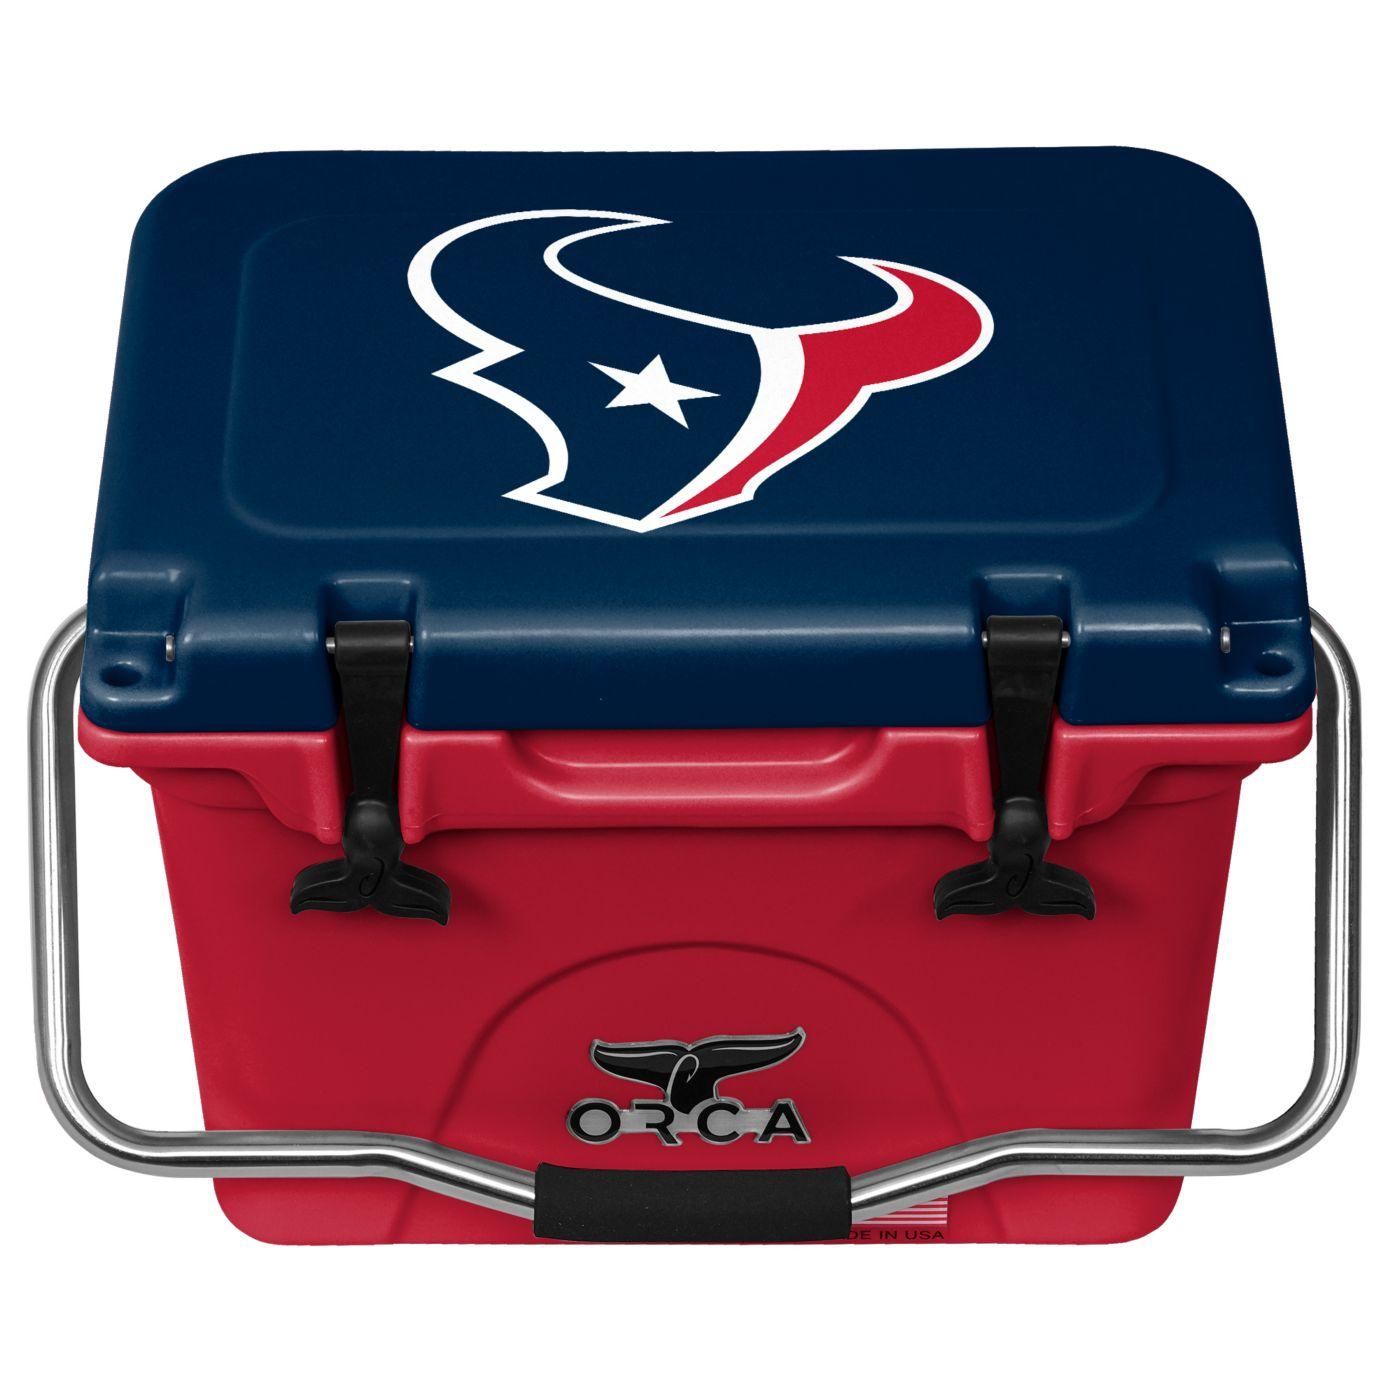 ORCA Houston Texans 20qt. Cooler